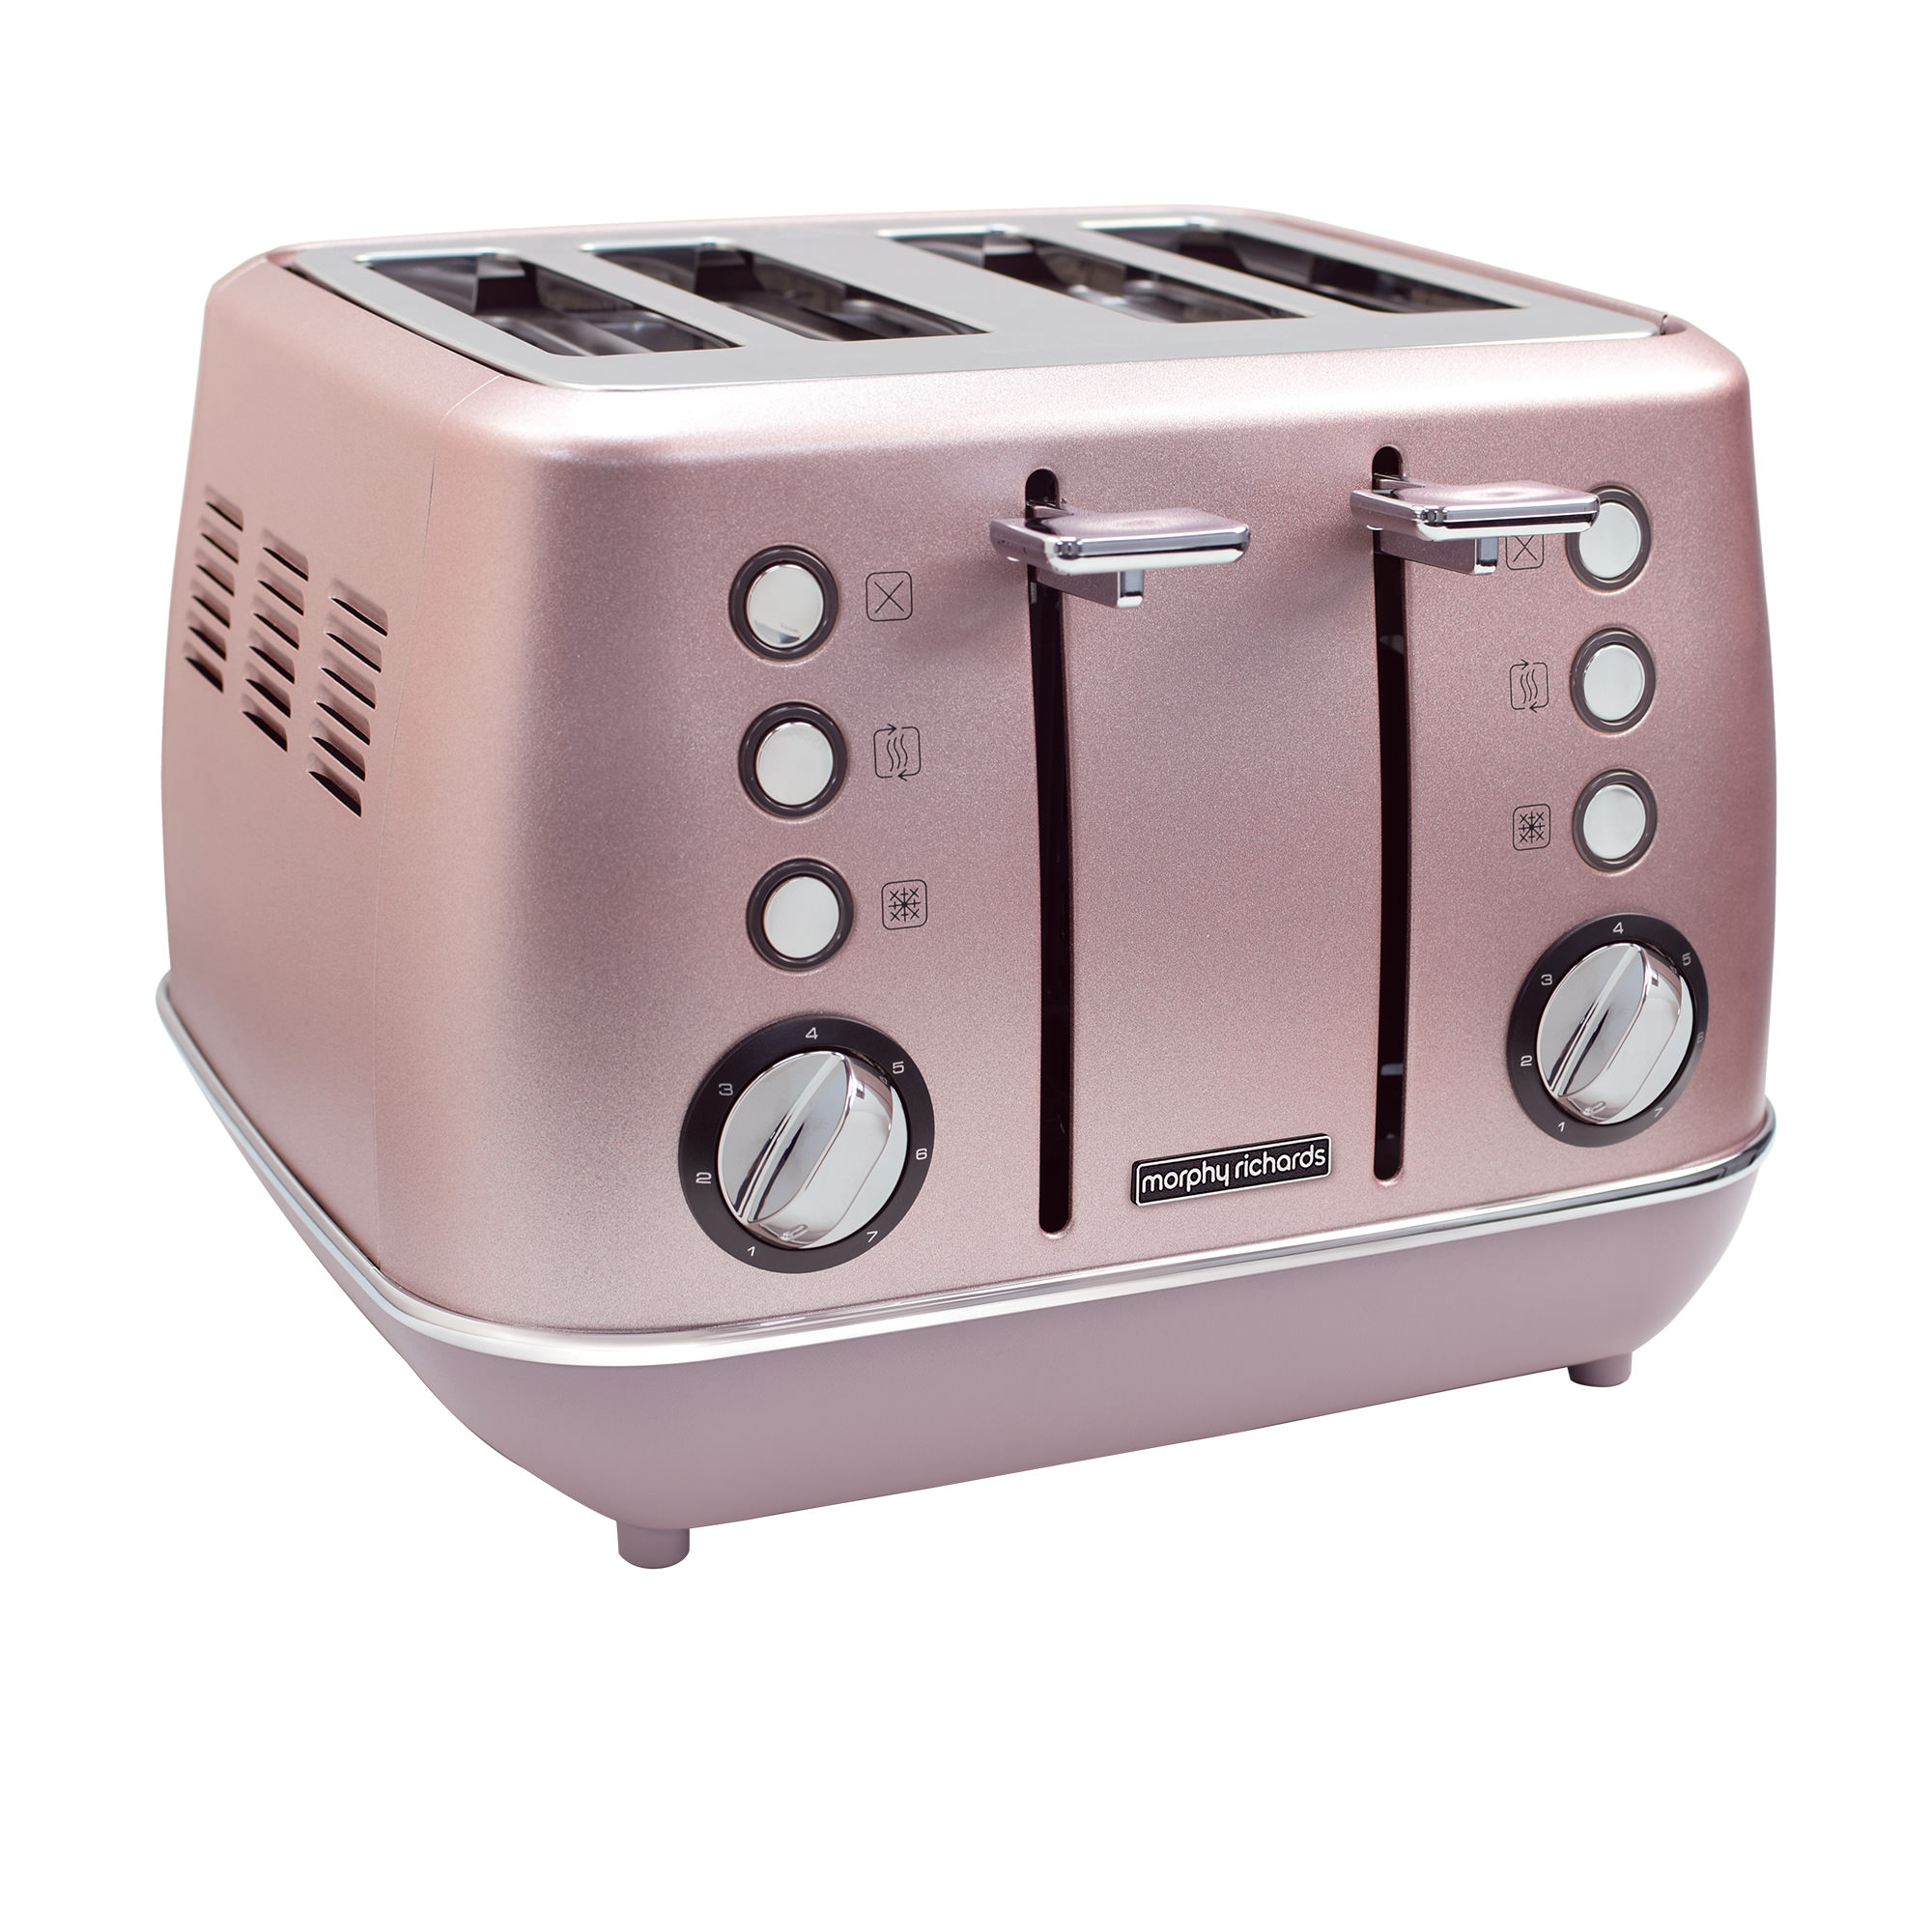 Morphy Richards Evoke Special Edition 4 Slice Toaster Rose Quartz